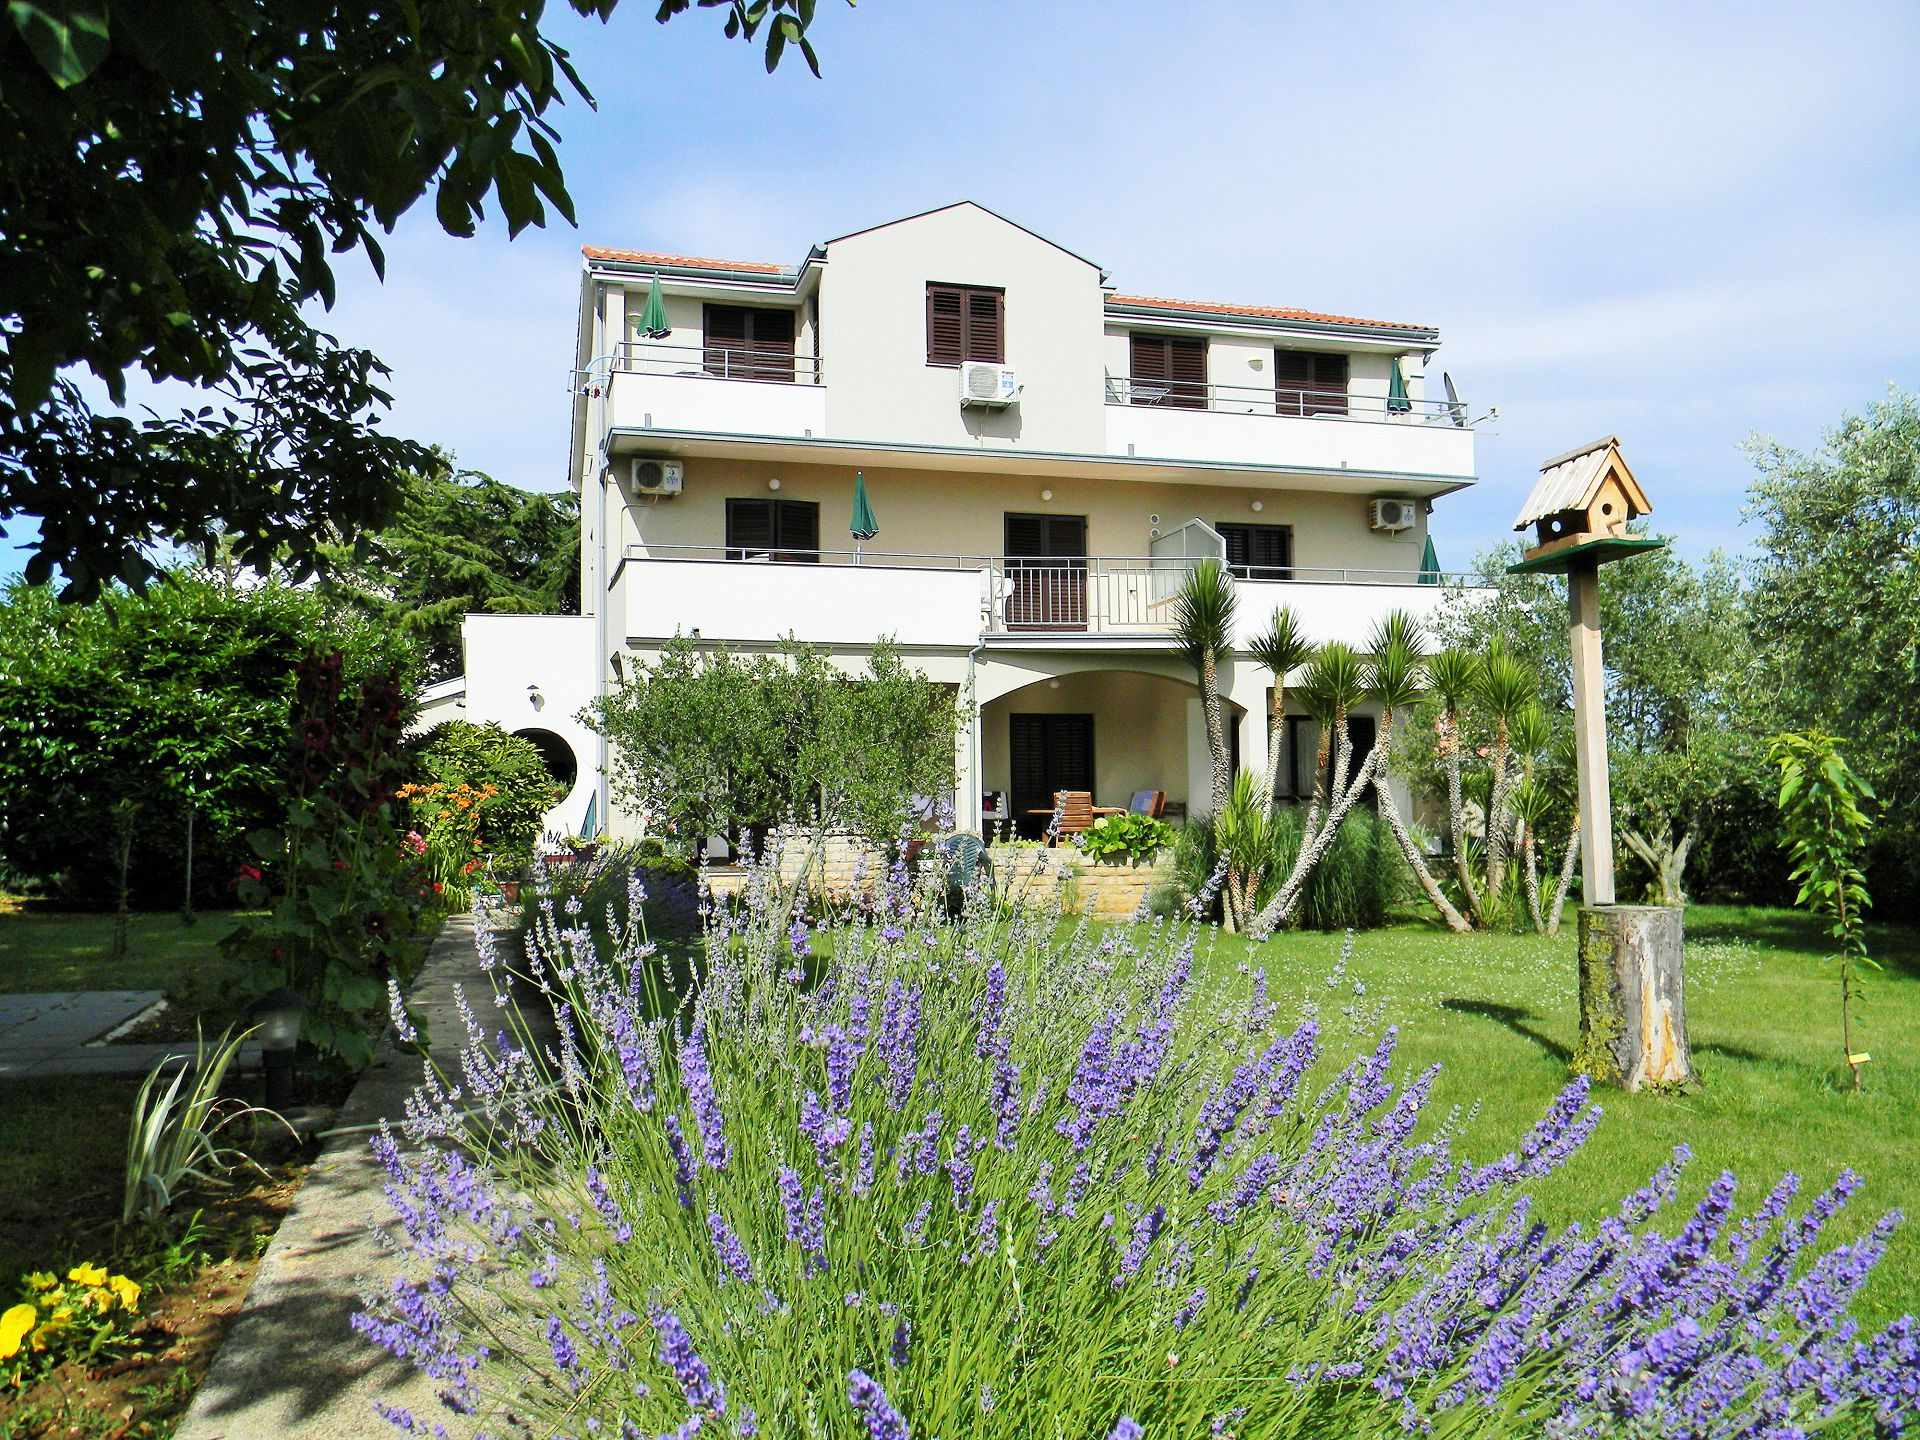 00418ZATZ - Zaton (Zadar) - Apartamenty Chorwacja